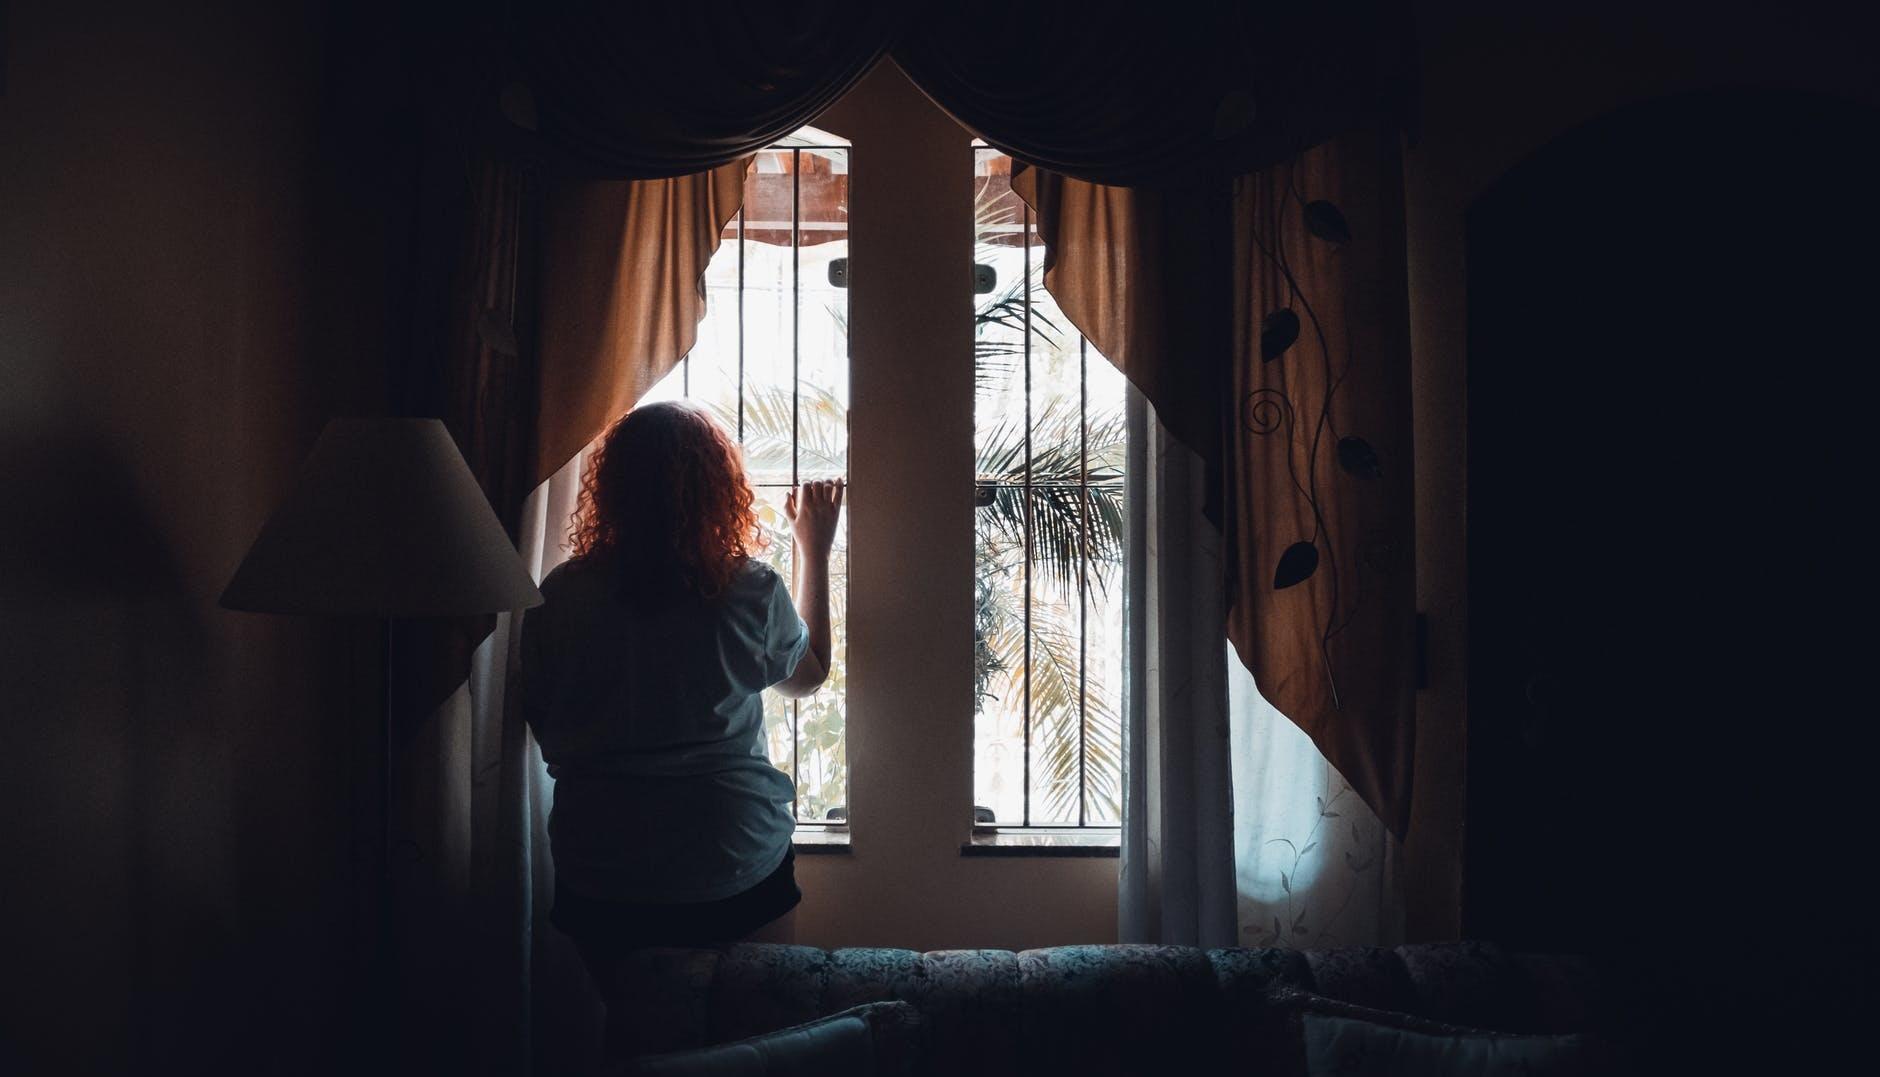 Vivir la crisis y la metrópoli en soledad: un reto estratégico